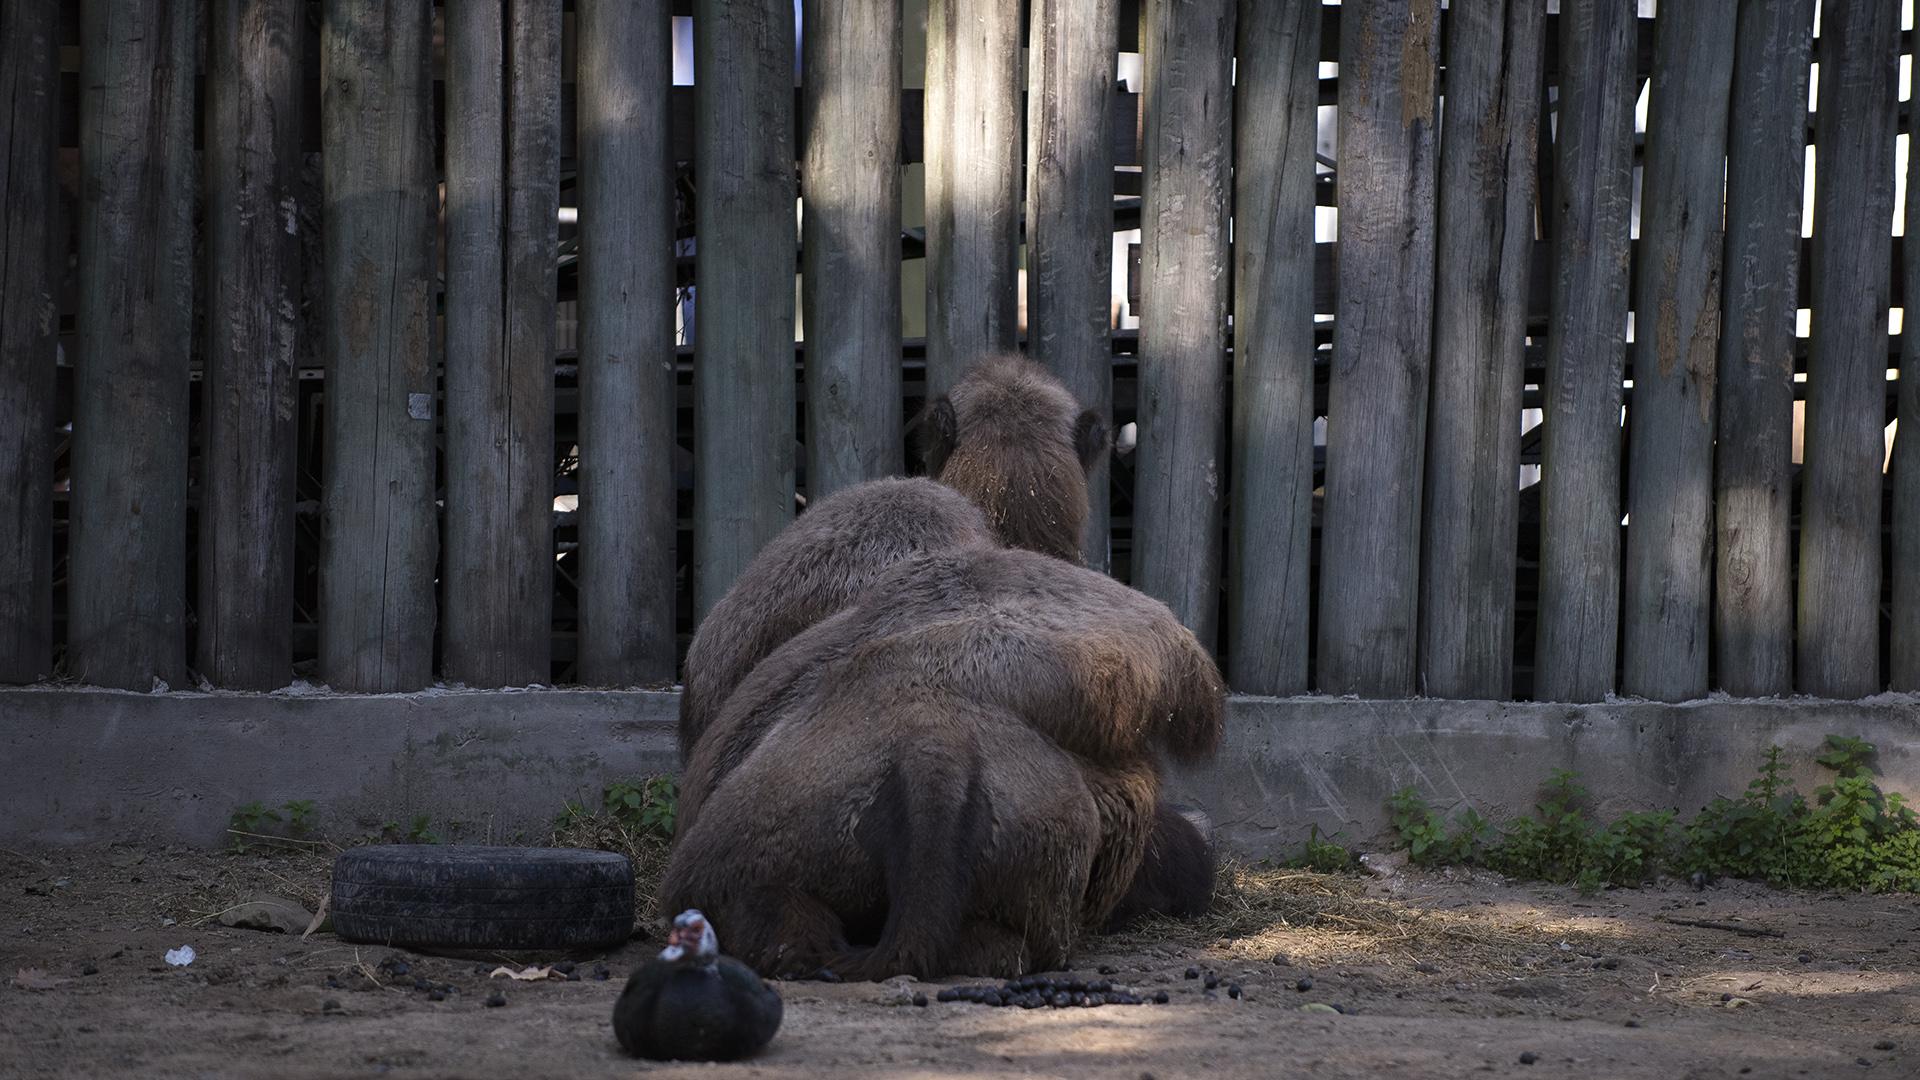 Los cuidadores aseguran que la joroba caída al costado demuestra buena salud en los camellos. (Adrián Escandar)